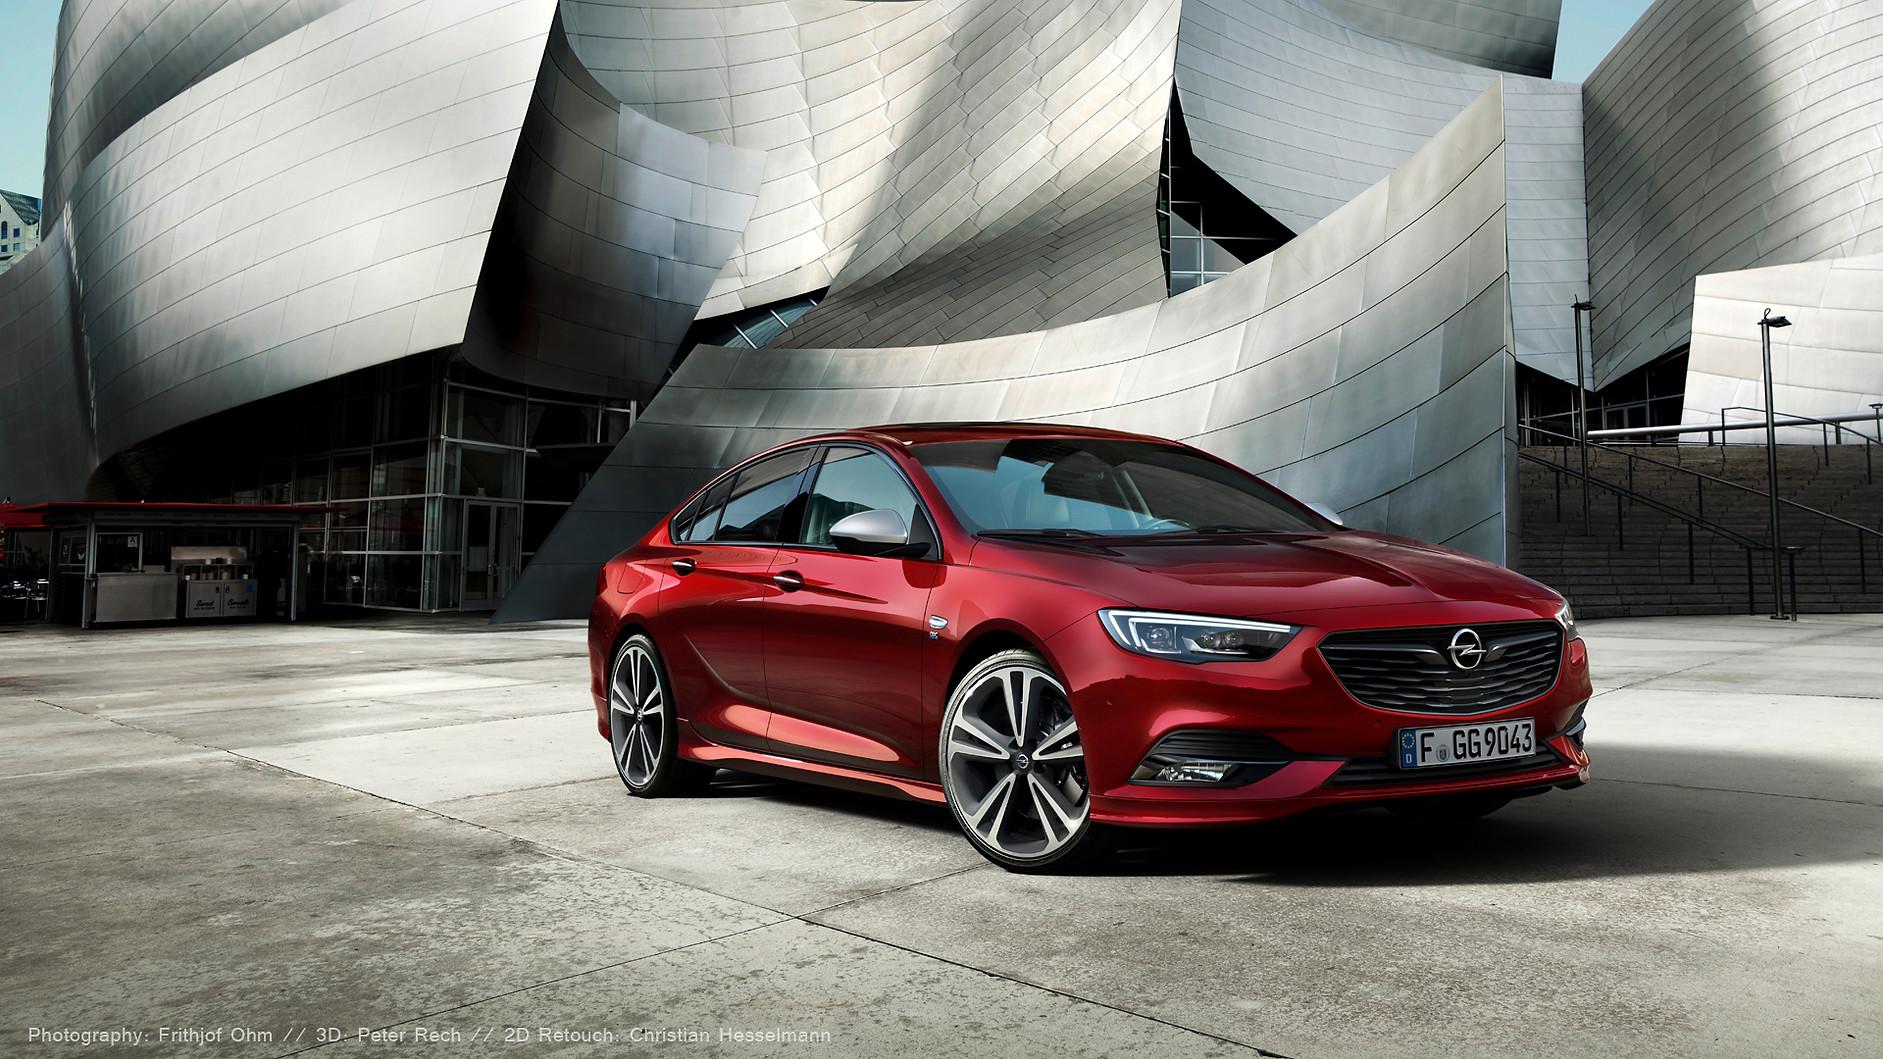 Opel_Insignia_01.jpg